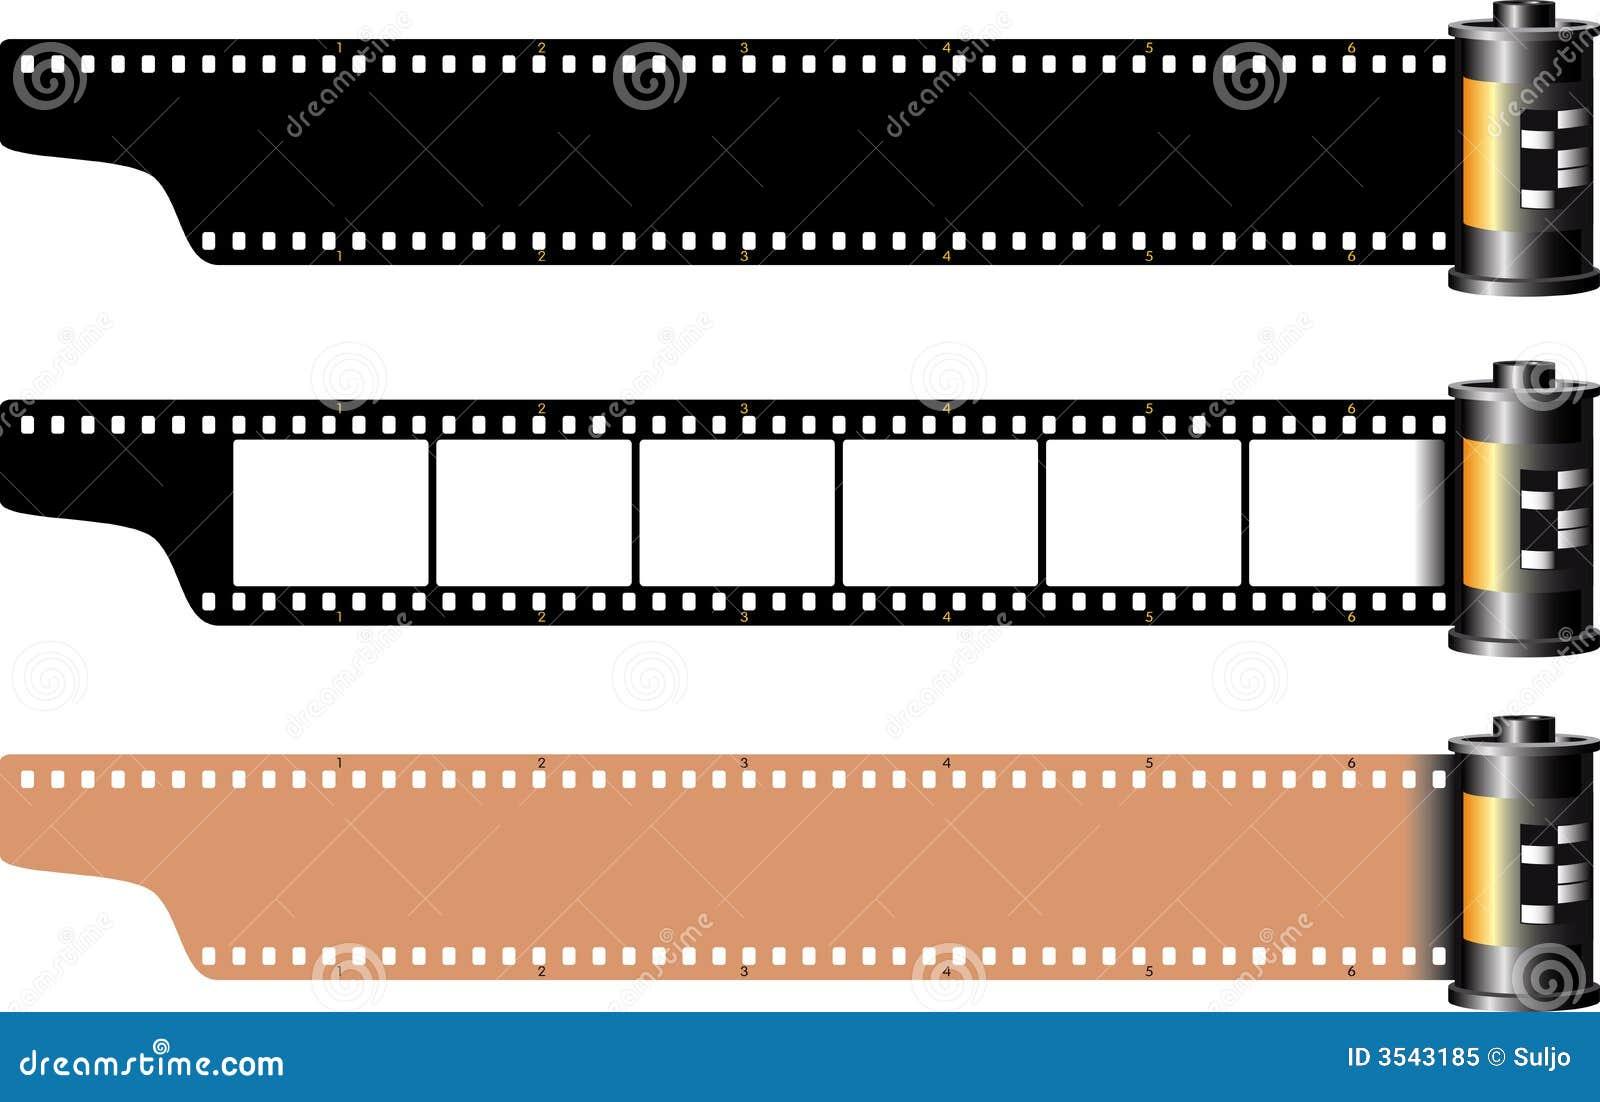 Celuloide ilustración del vector. Ilustración de camera - 3543185